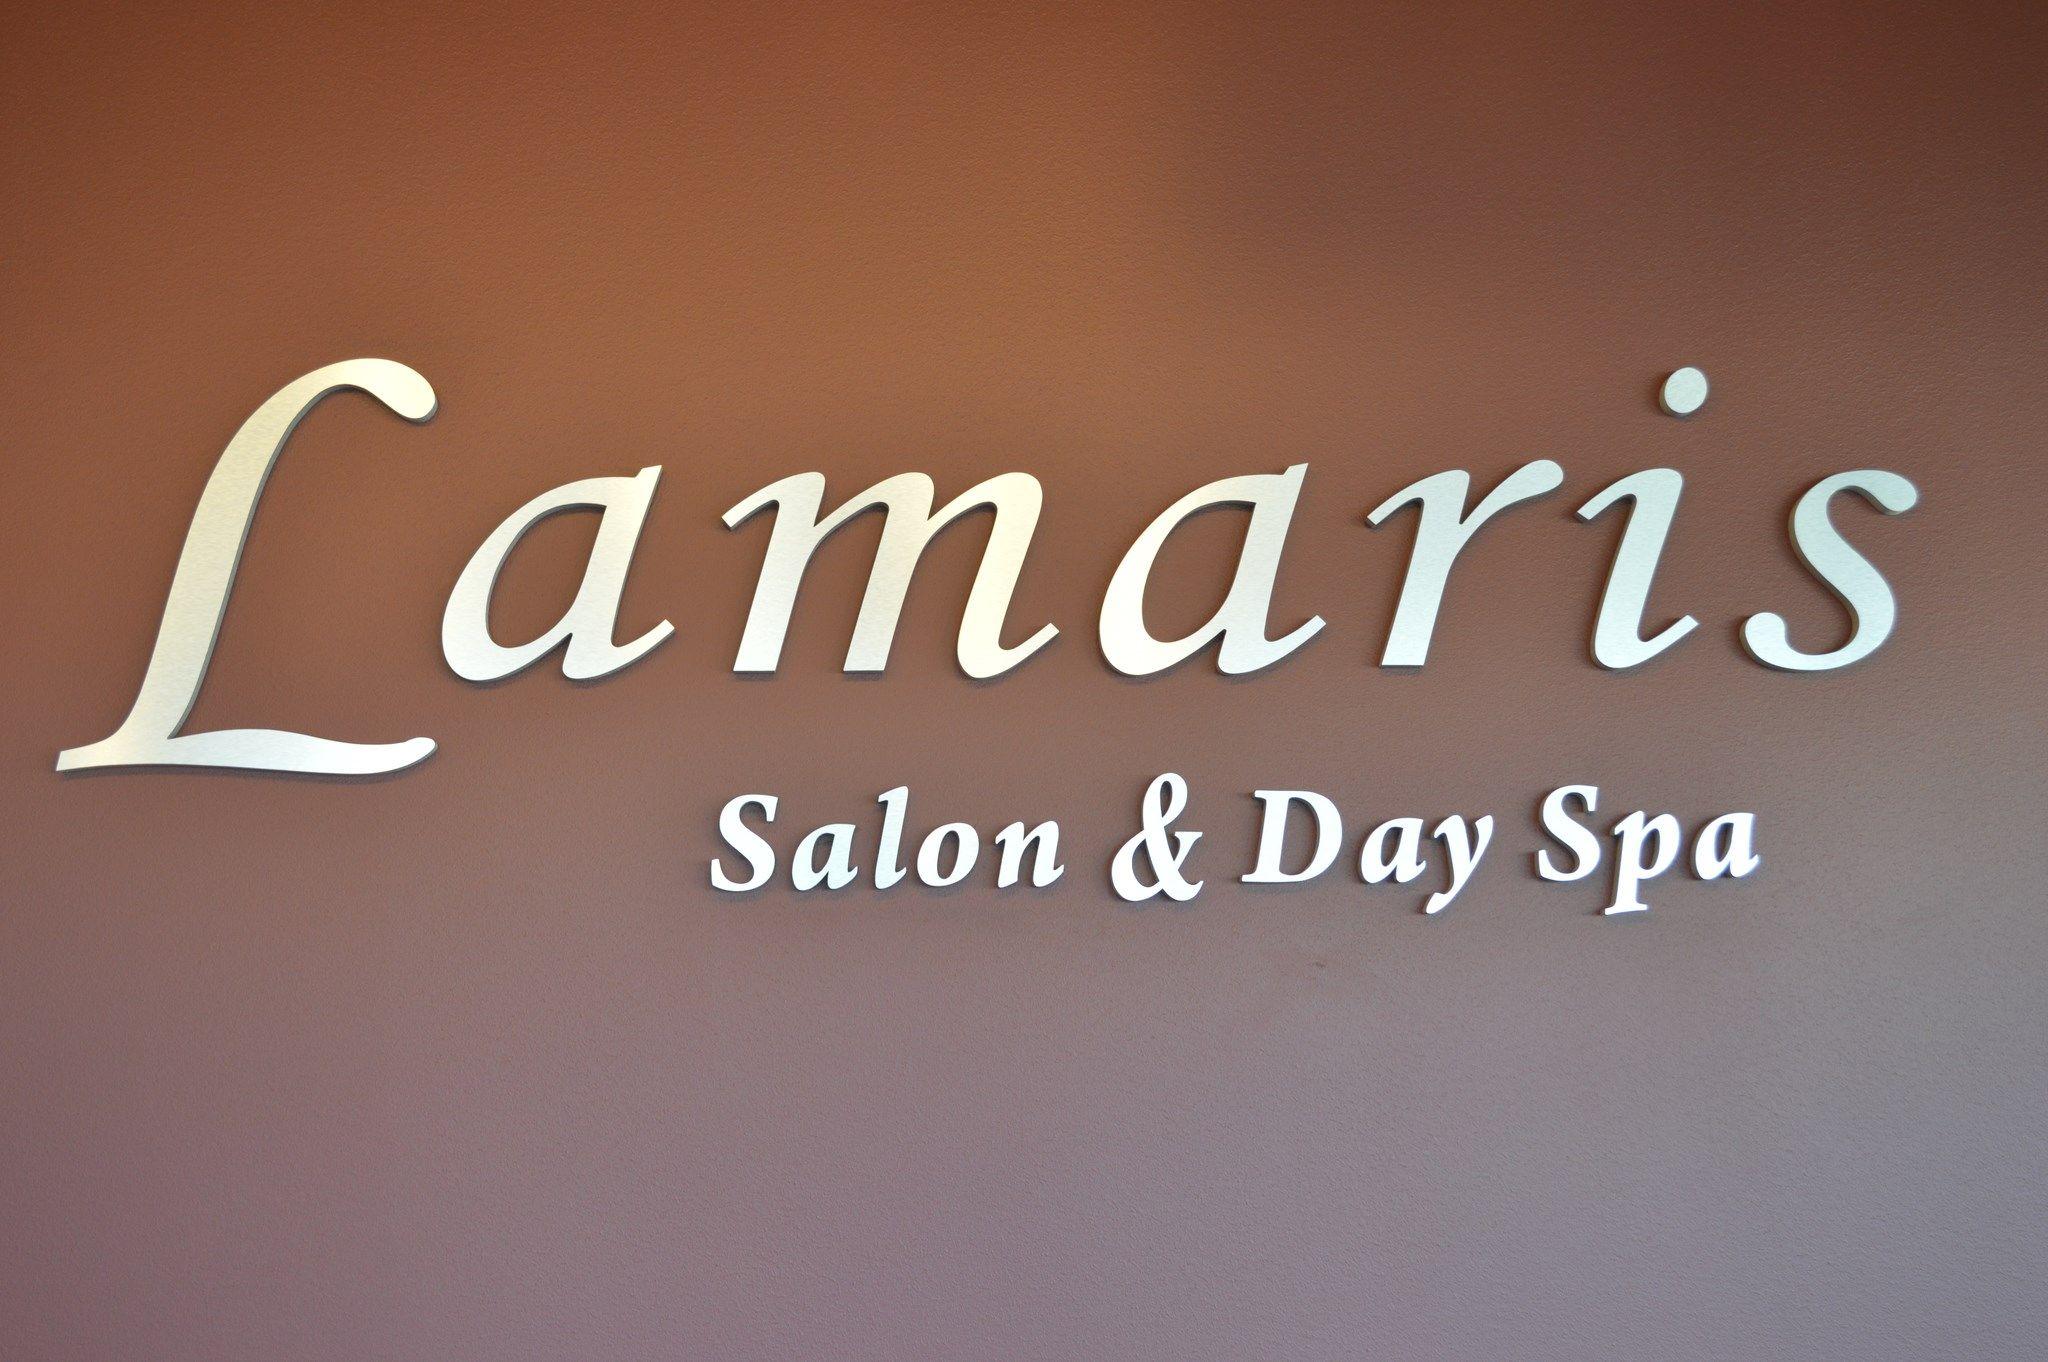 Lamaris Salon And Day Spa in Chicago, IL